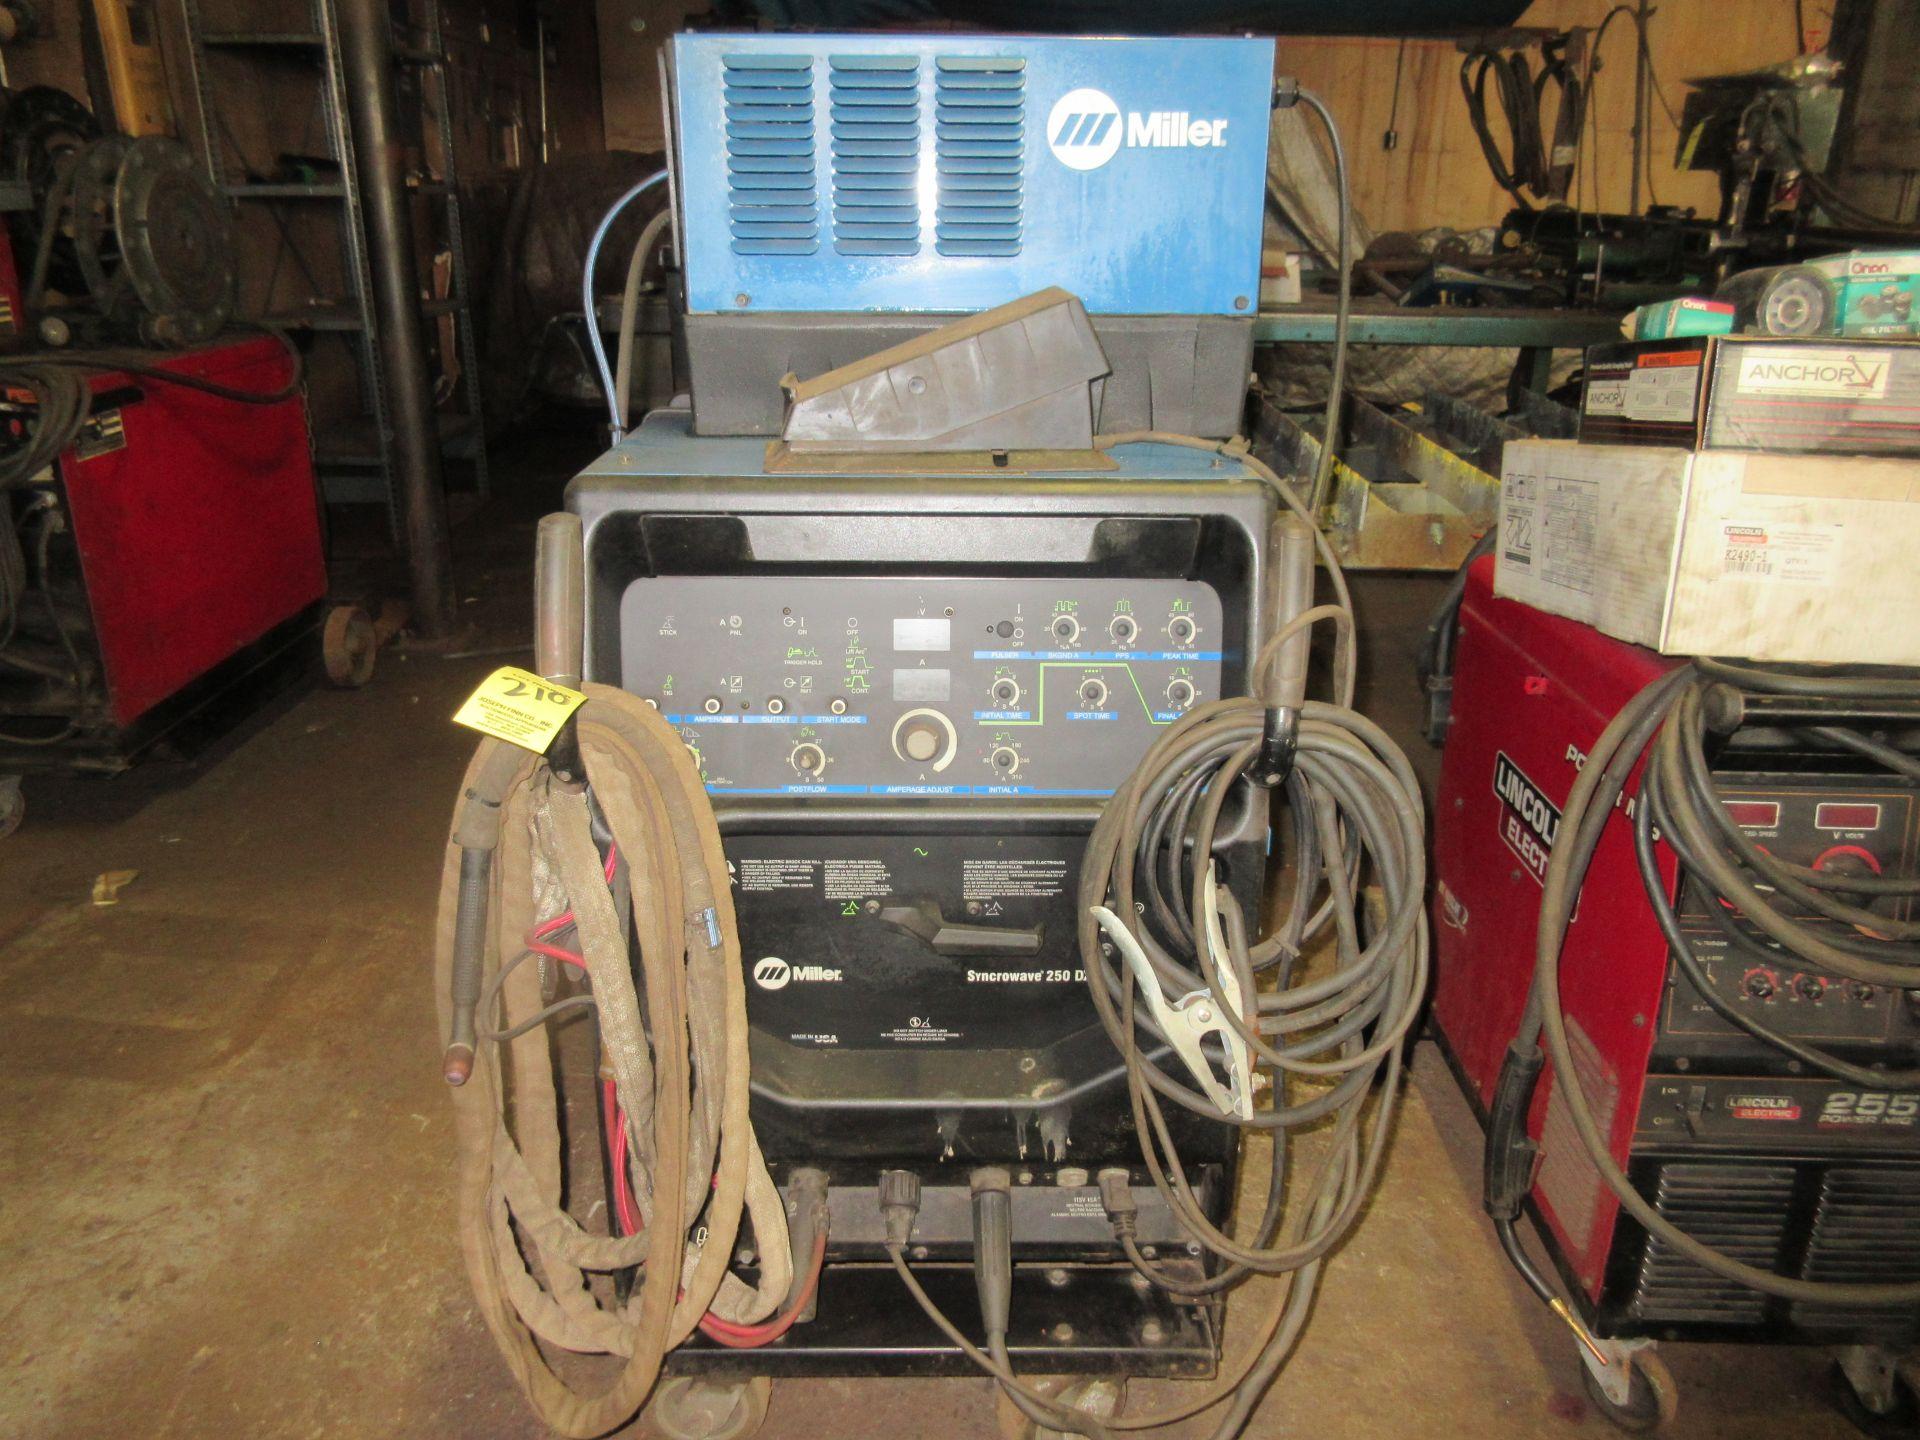 (1) Miller Syncrowave 250DX Welder, S/N LF252203, 115V, w/ Miller Coolmate 3 Cooler, Foot Control